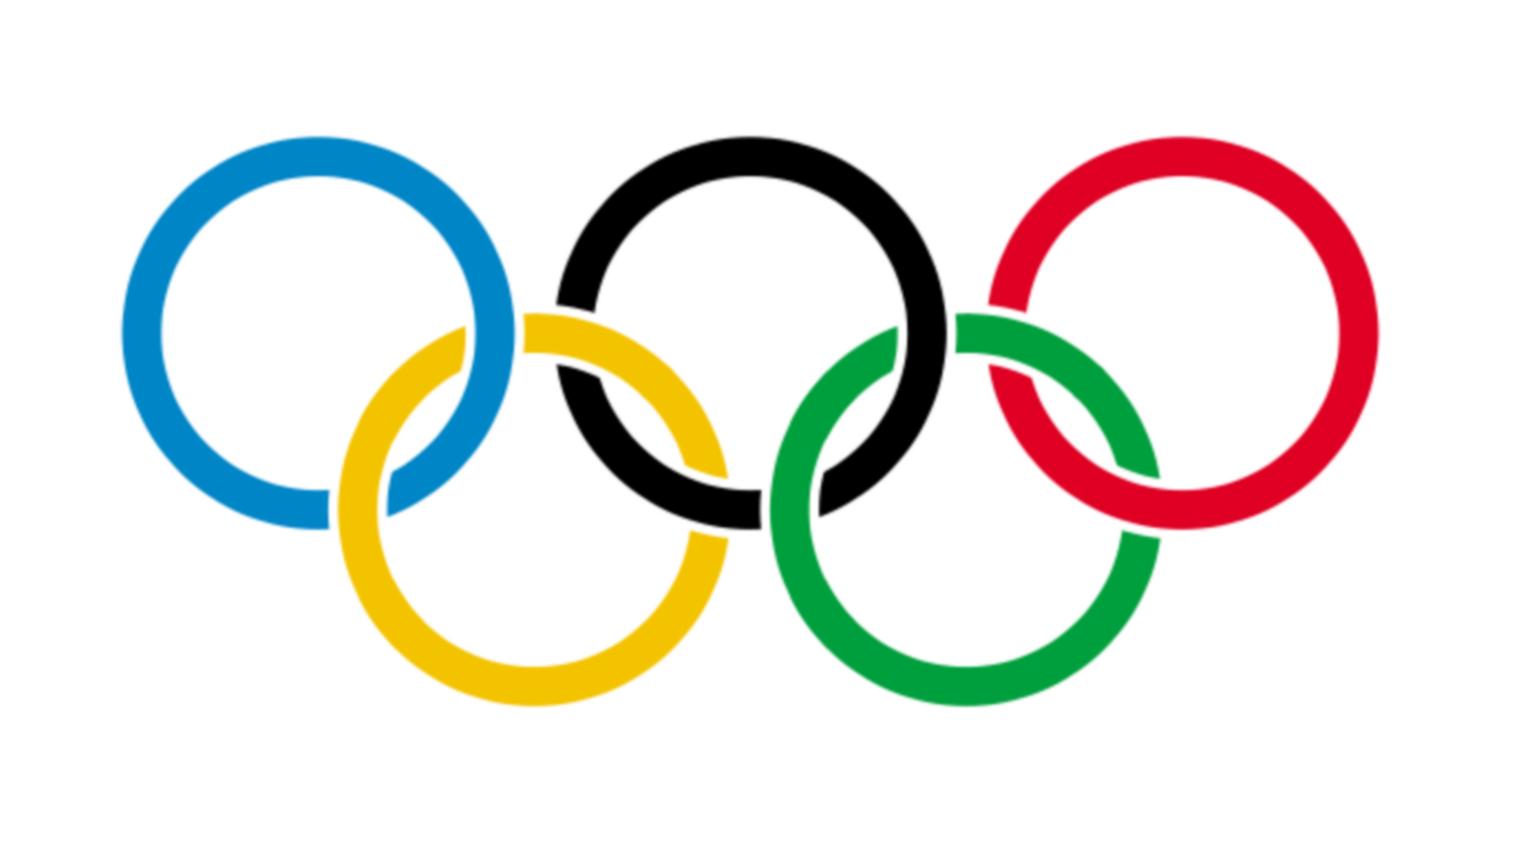 Les applications Android pour suivre les jeux olympiques de Sotchi